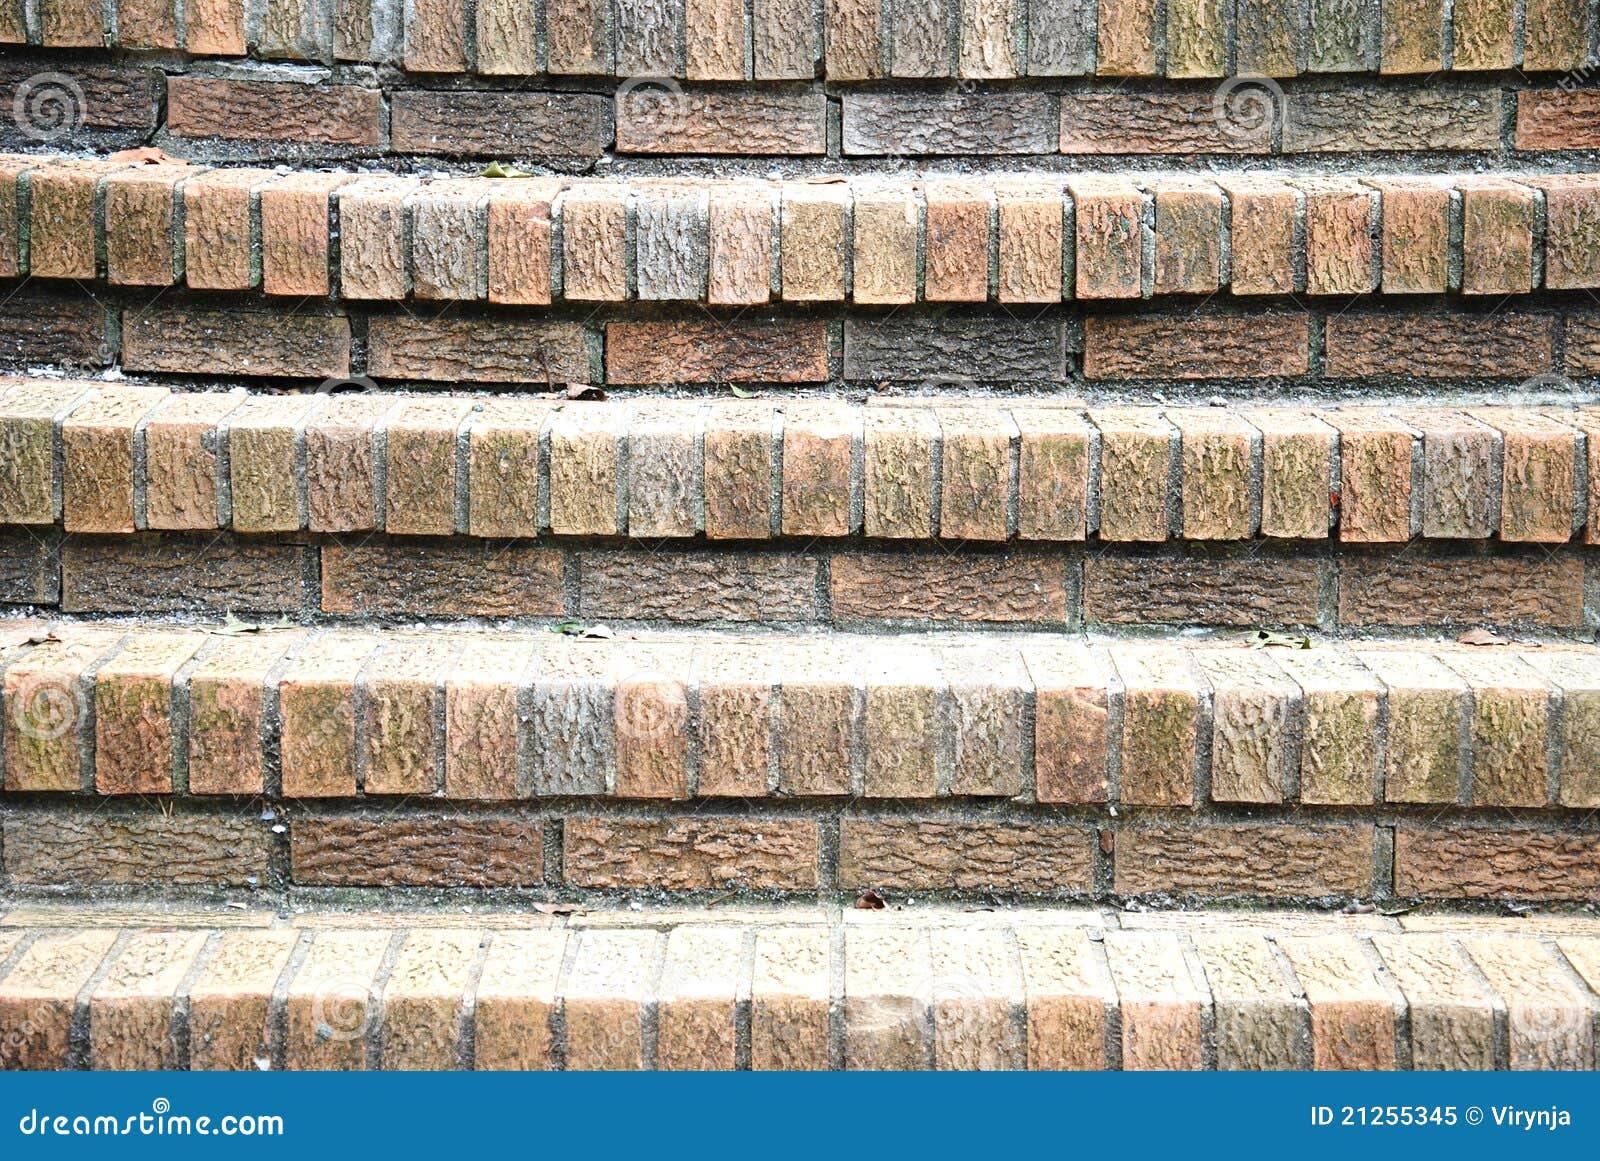 Detalle de una escalera de piedra foto de archivo libre de - Escalones de piedra ...